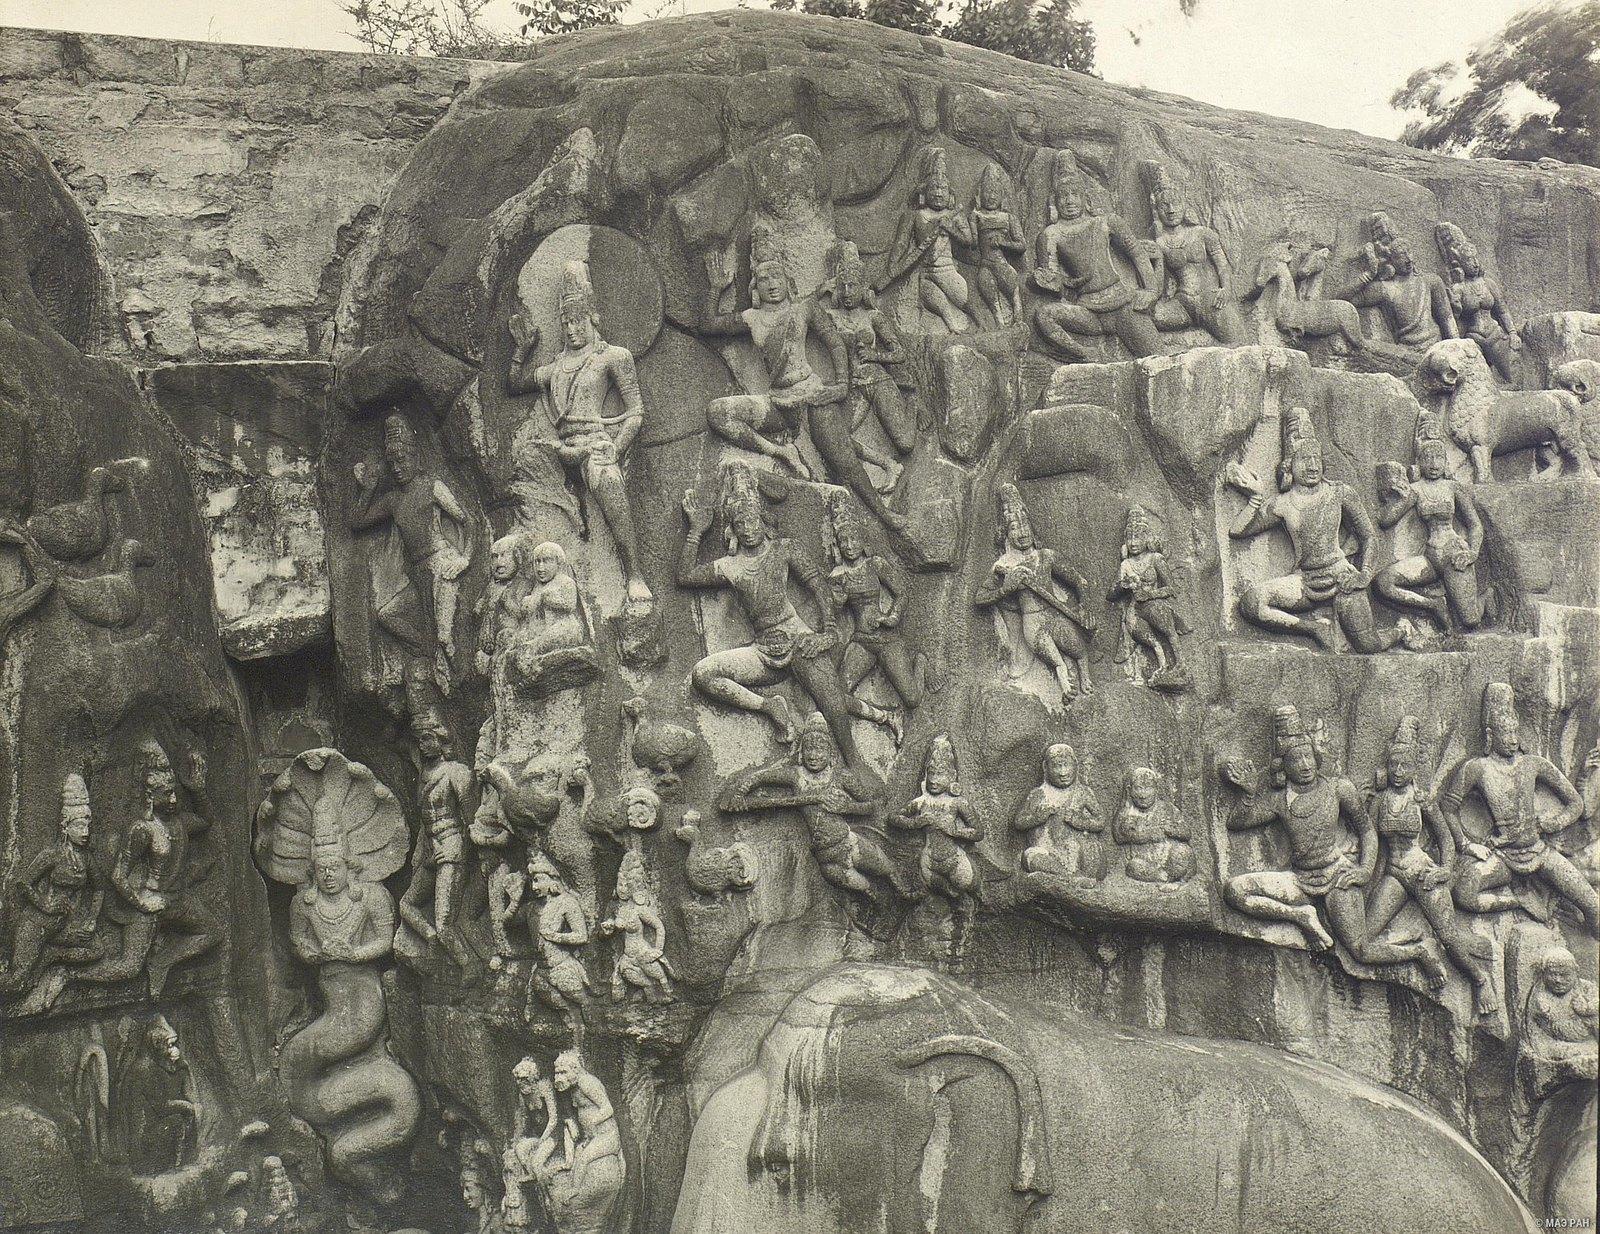 20. Мамаллапур (детали рельефа «Шива со свитой» и «Арджуна в подвижничестве»)